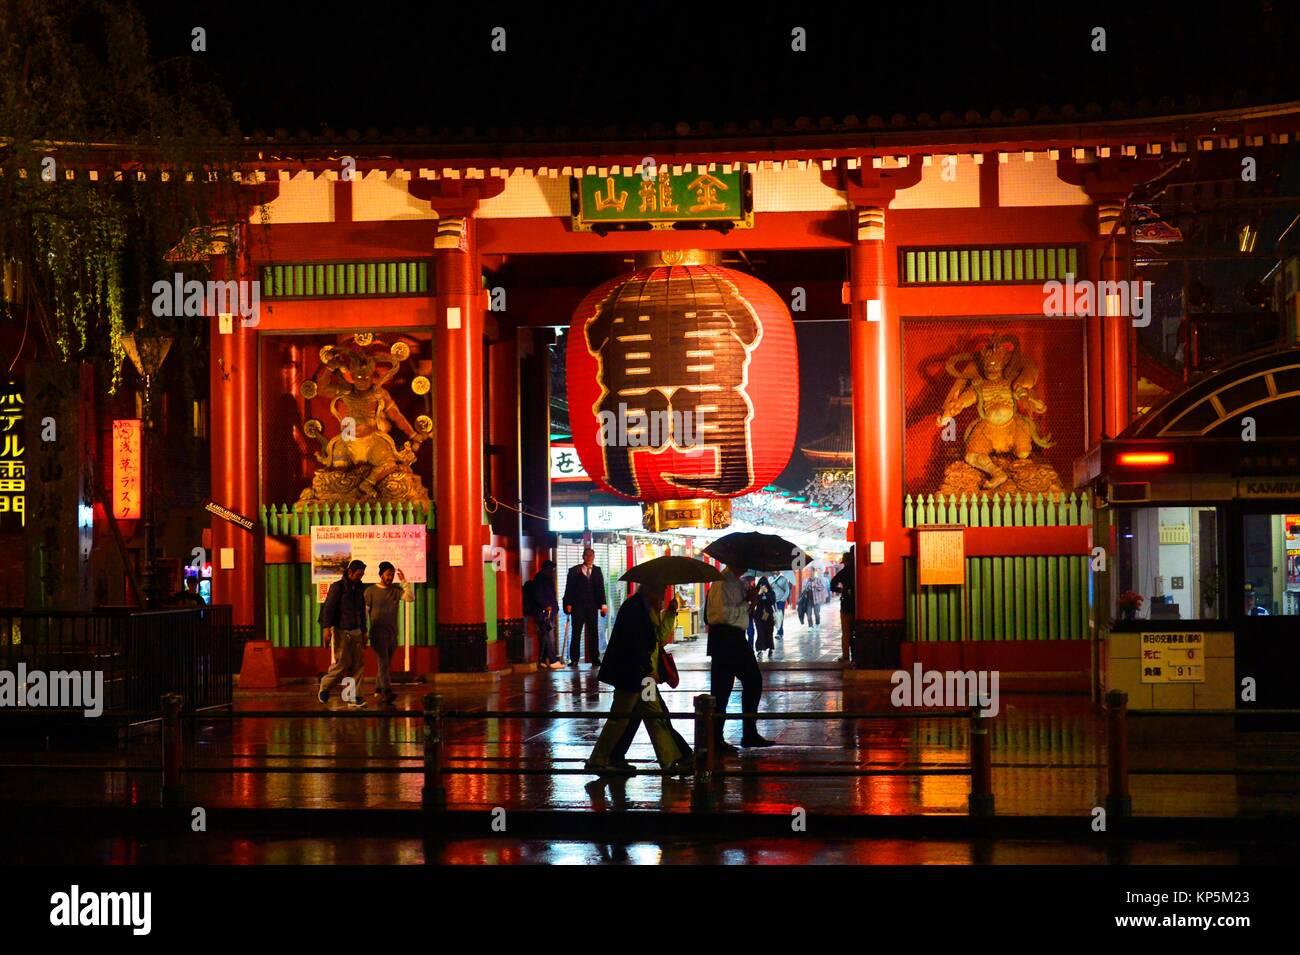 Senso-ji templo Asakusa por la noche, en Tokio, Japón, Asia. Imagen De Stock